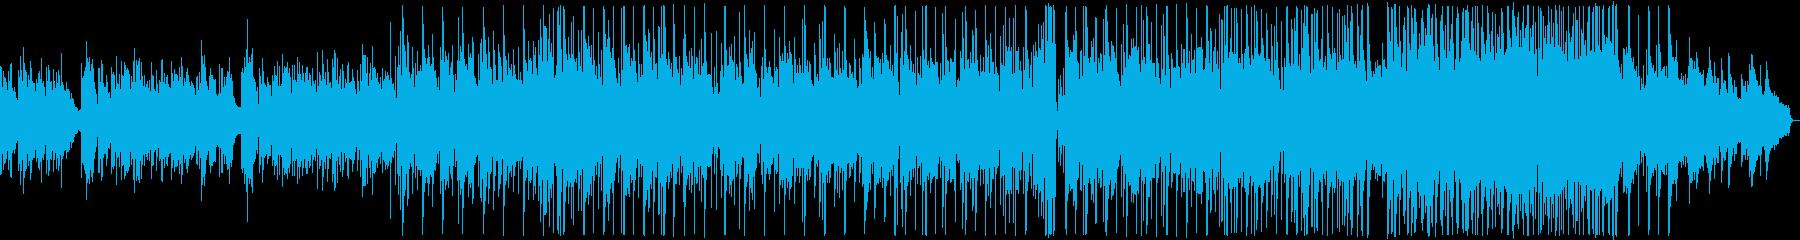 悲しい雰囲気のK-POP風バラード2の再生済みの波形